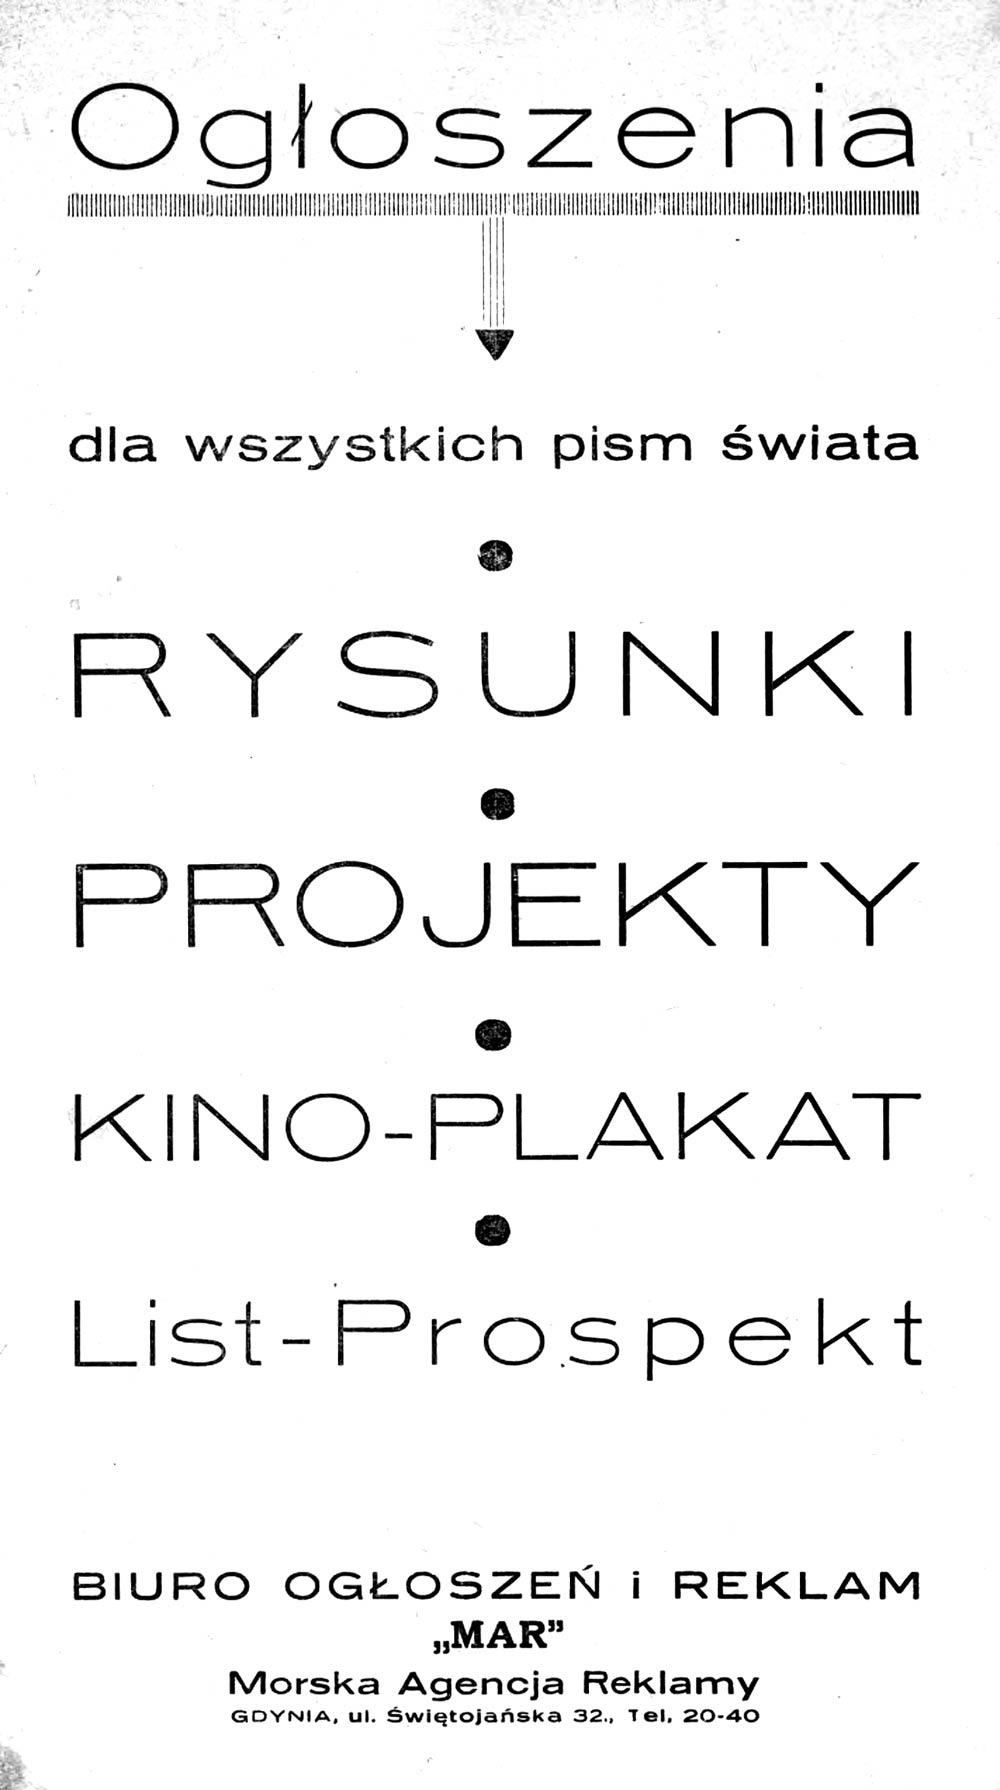 """Ogłoszenia dla wszystkich pism świata - RYSUNKI - PROJEKTY - KINO-PLAKAT - List-Prospekt Biuro OGŁOSZEŃ i REKLAM """"MAR"""" Morska Agencja Reklamy GDYNIA, ul. Świętojańska 32"""